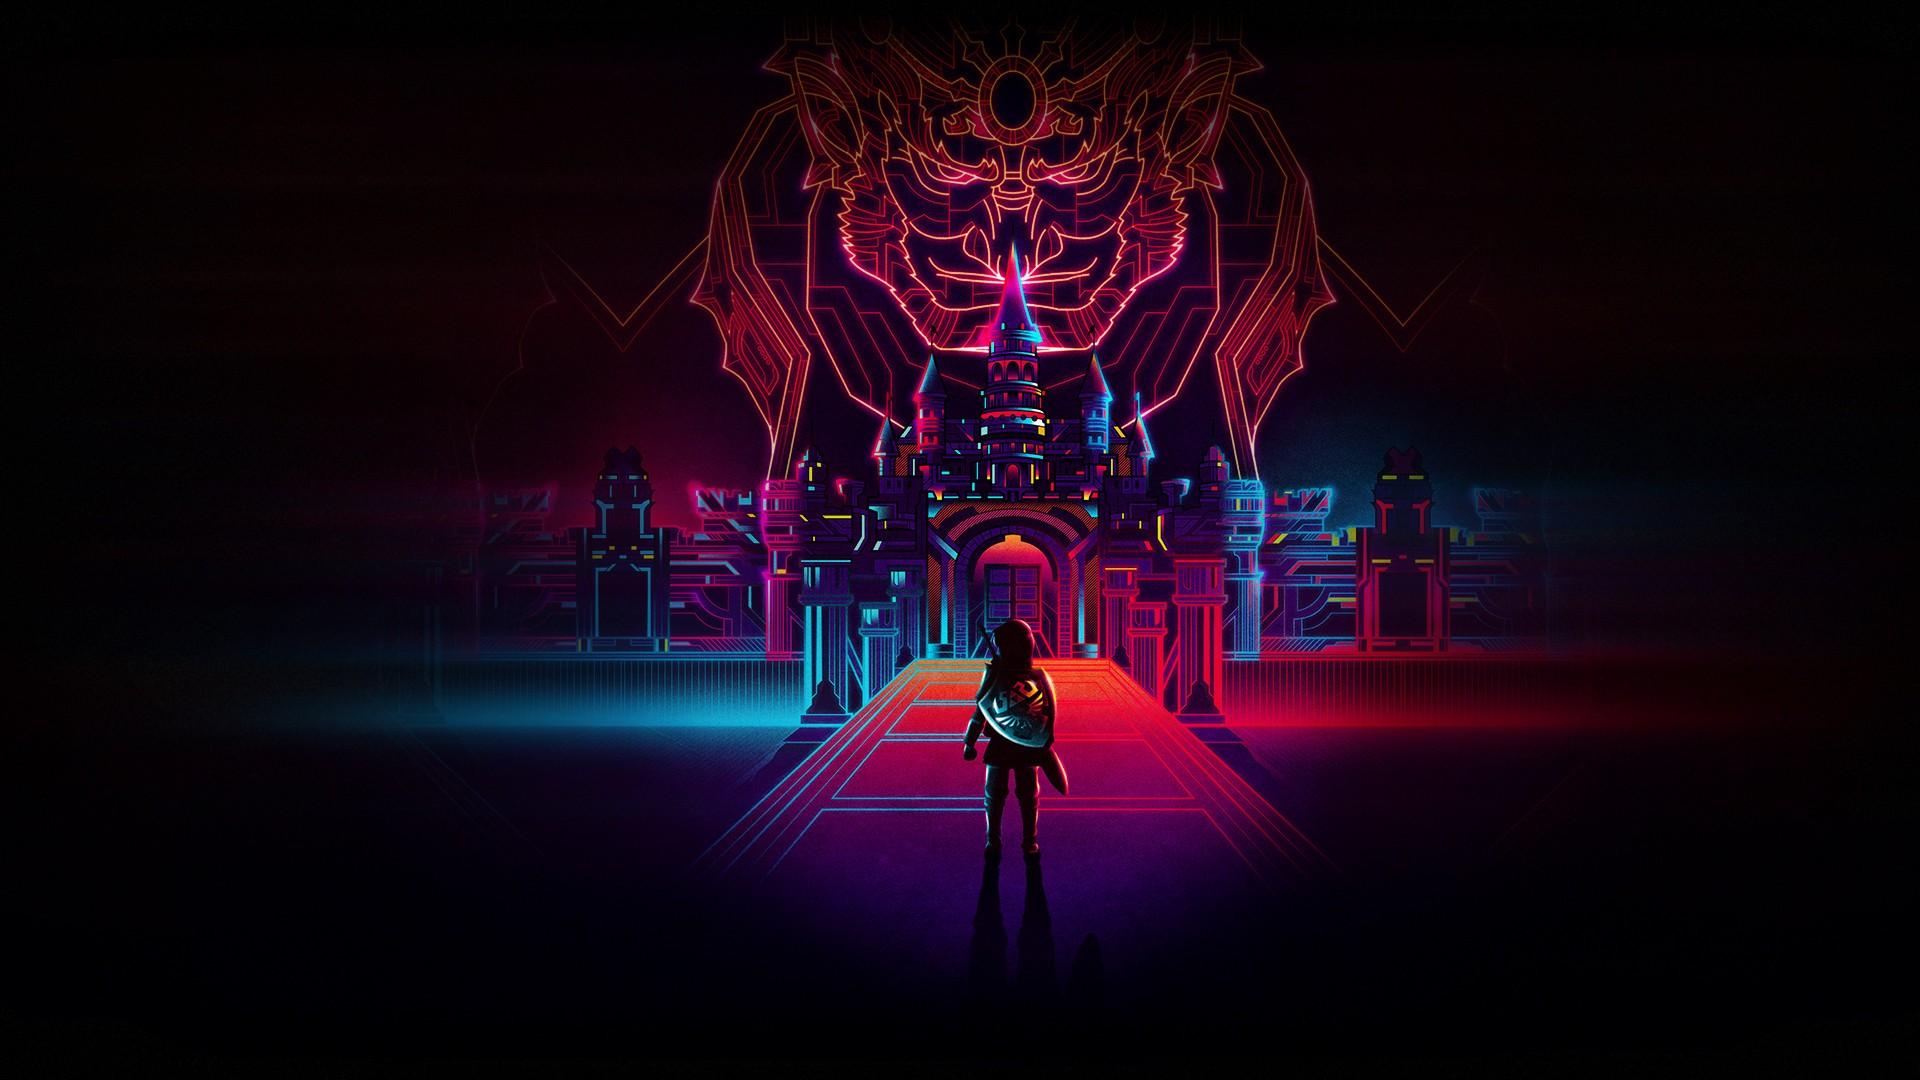 3d Batman Hd Wallpaper Legend Of Zelda Retro Neon Wallpapers Hd Wallpapers Id